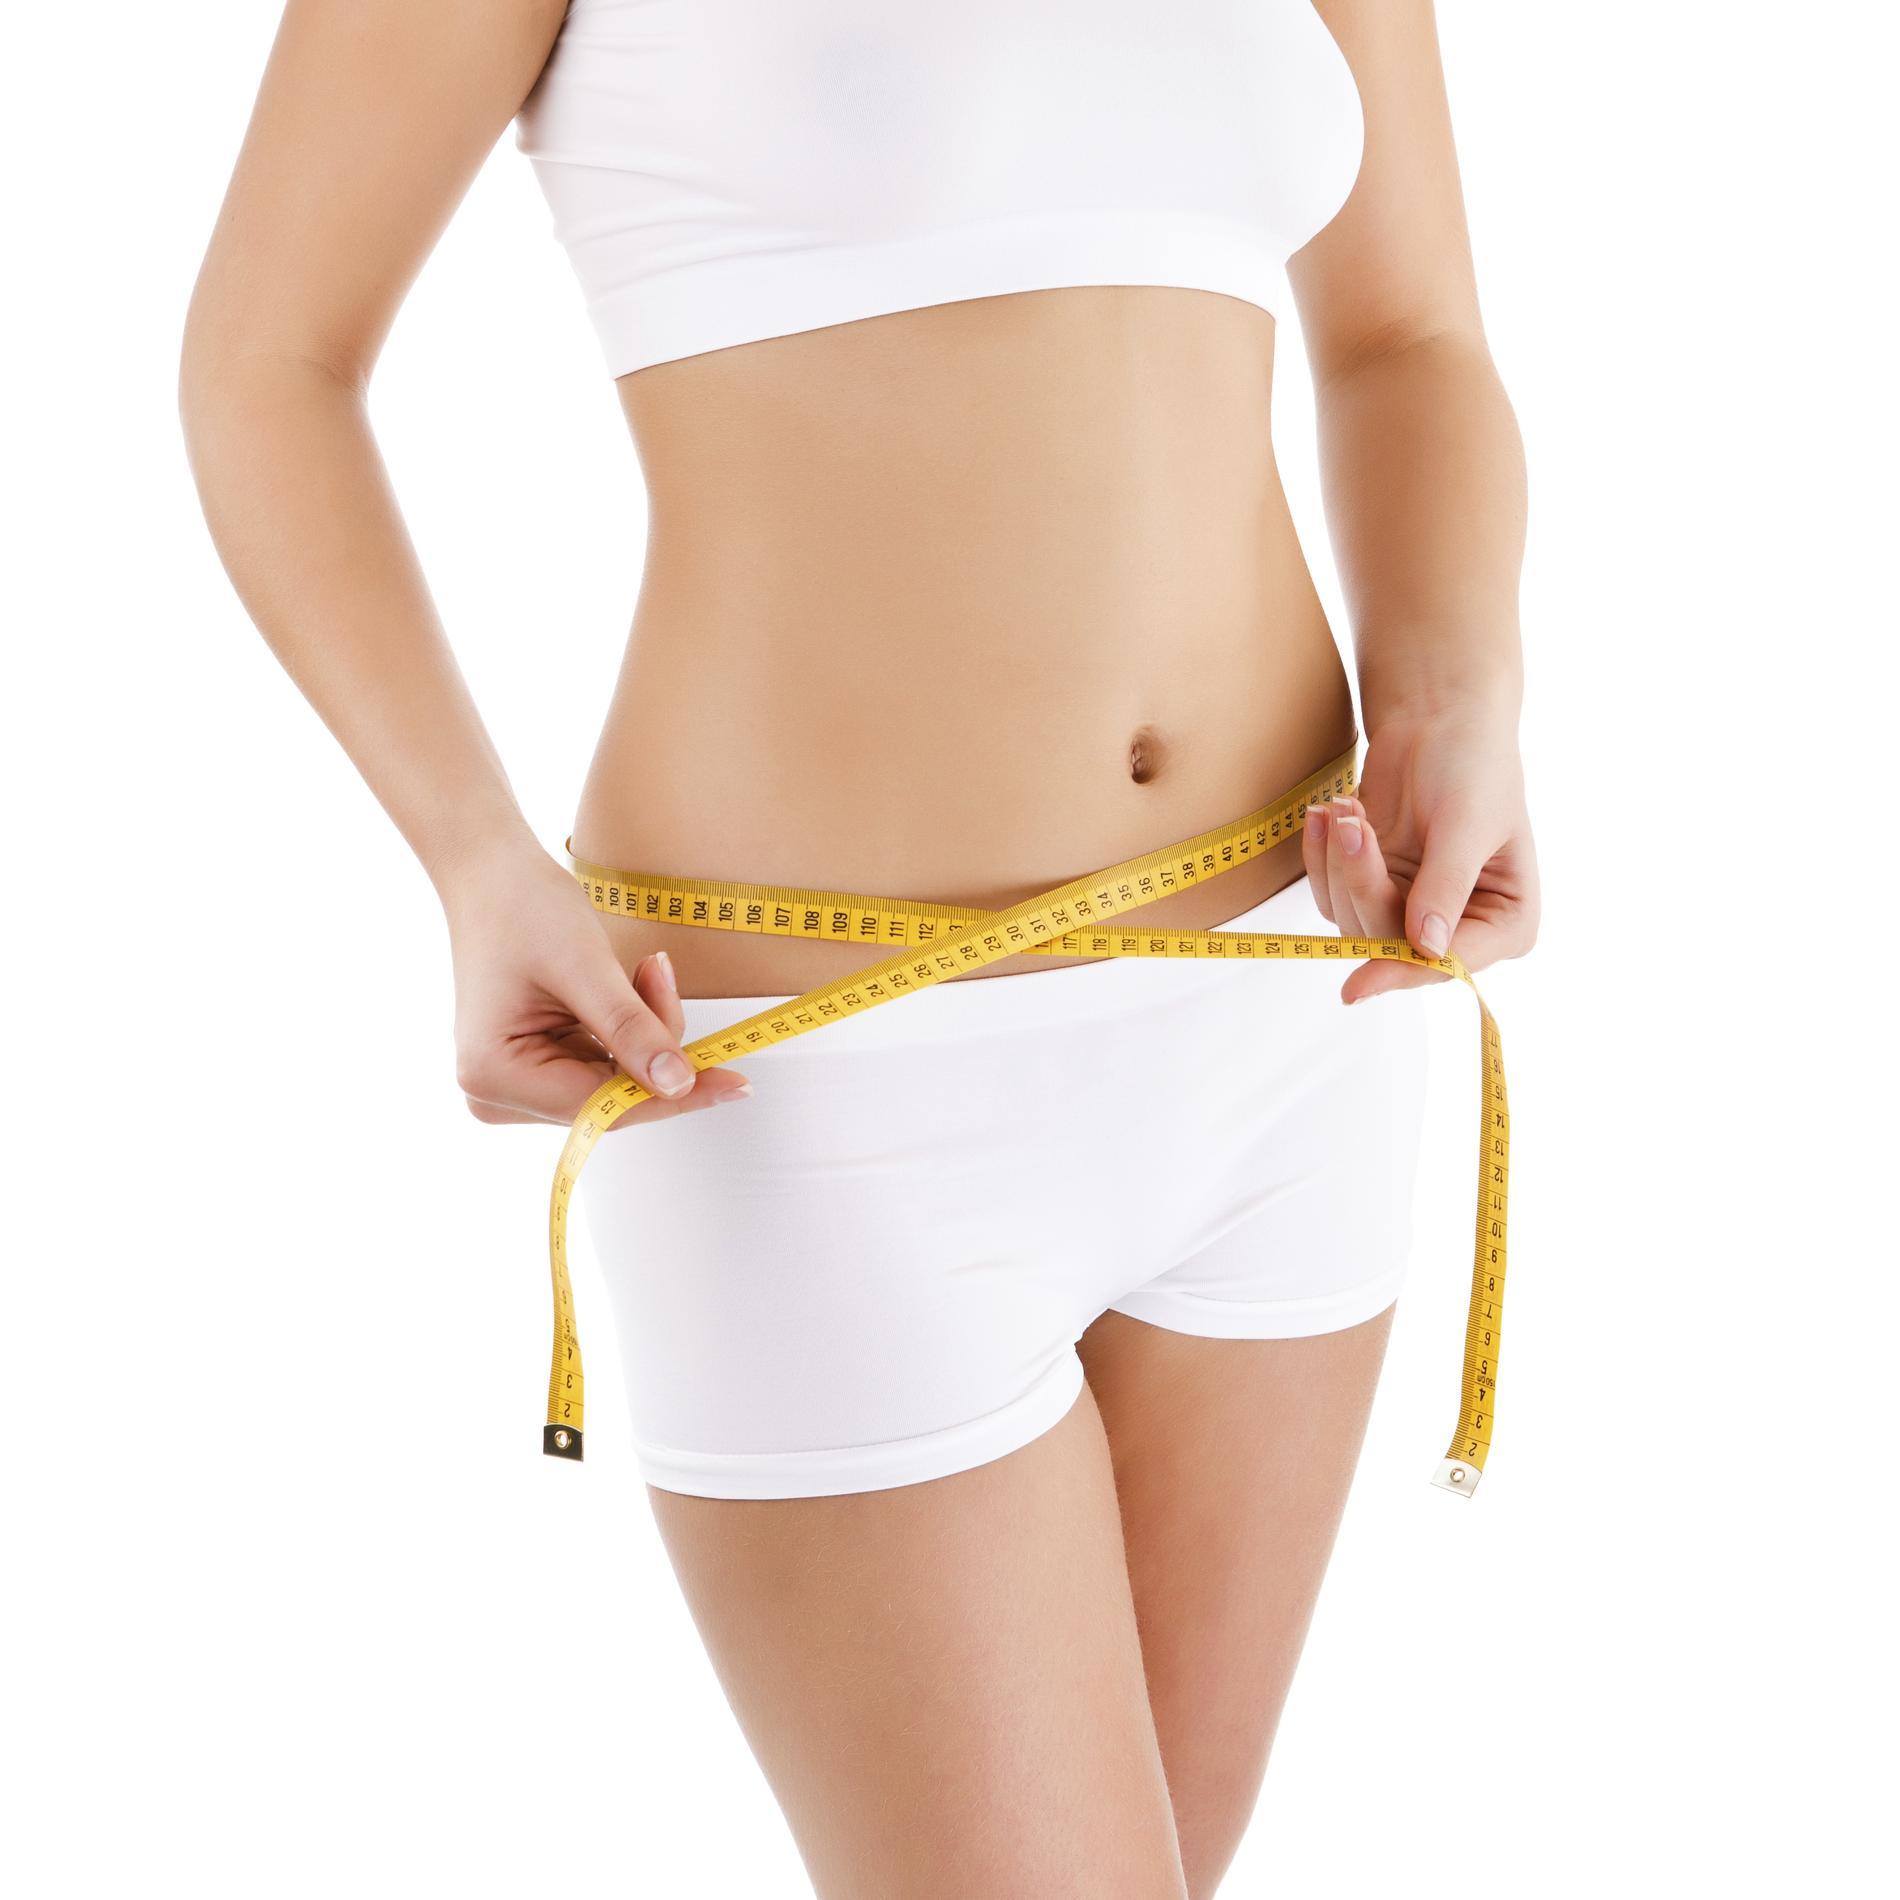 comment perdre du poids de façon permanente et rapide